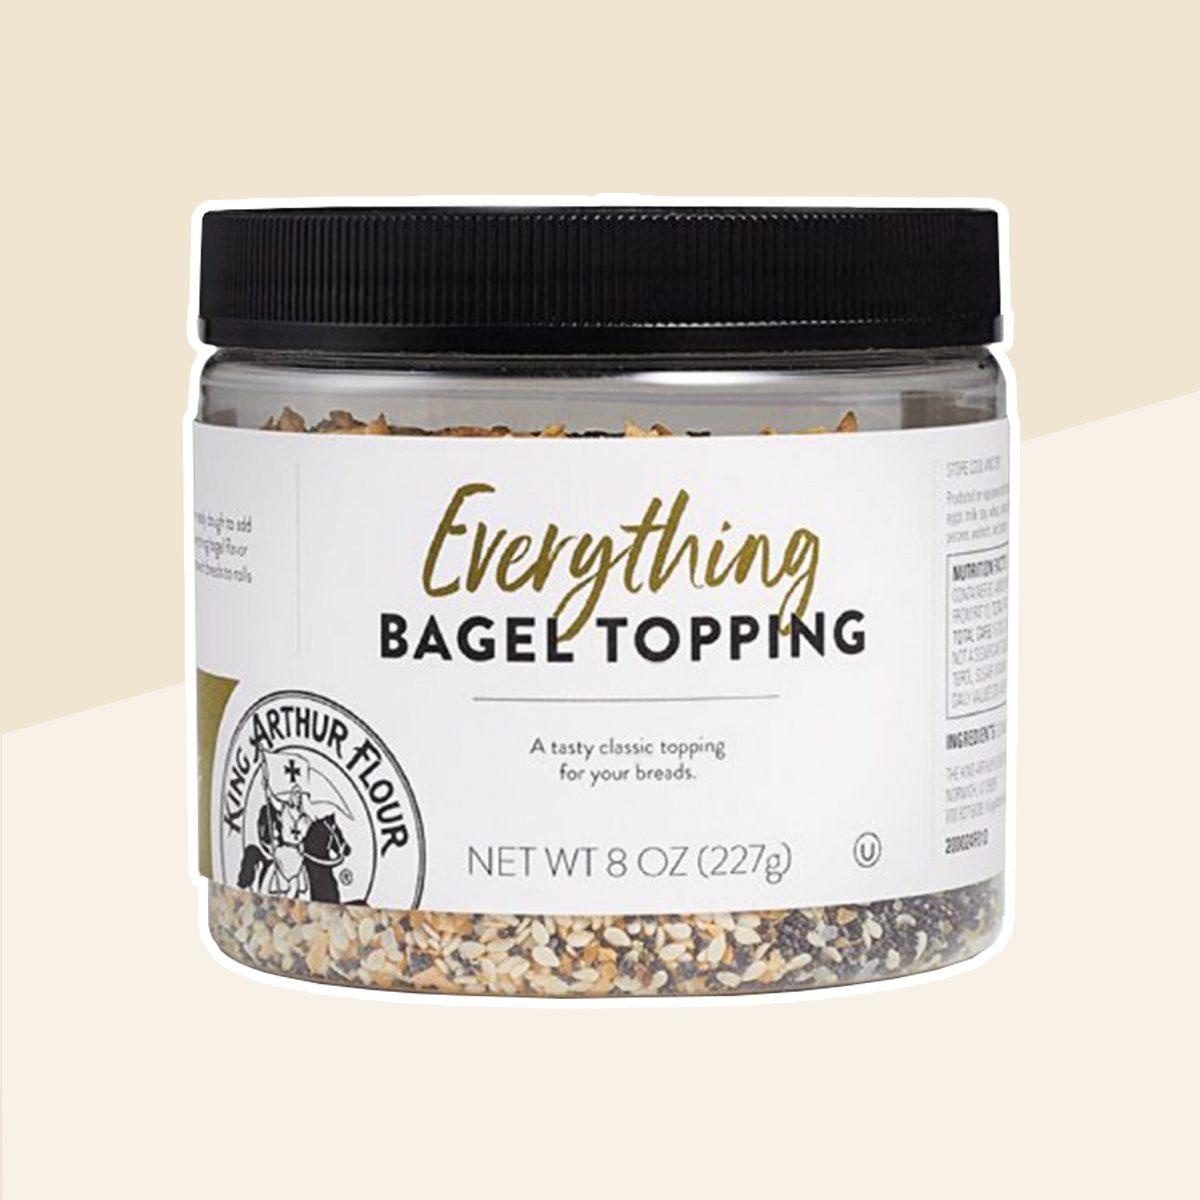 Everything Bagel Topping - 8 oz.